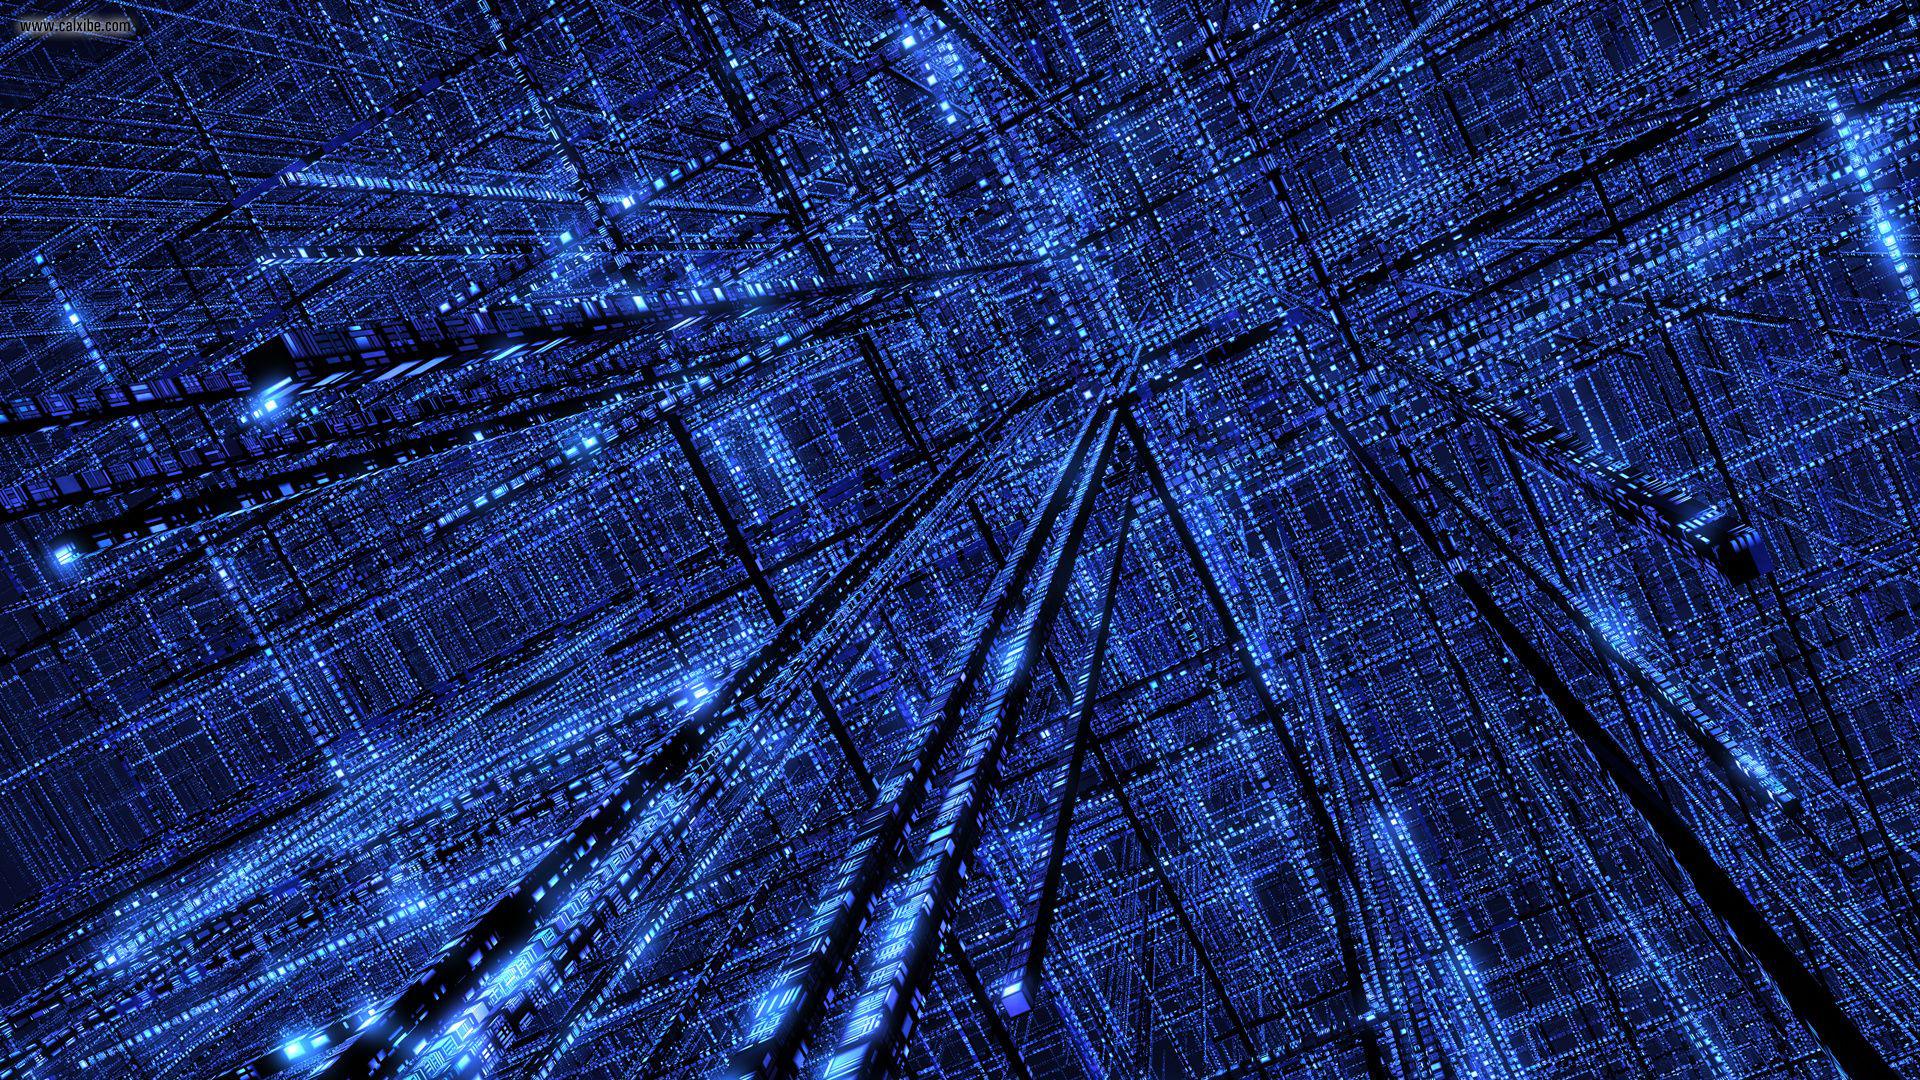 Matrix Binary Code Wallpaper - WallpaperSafari